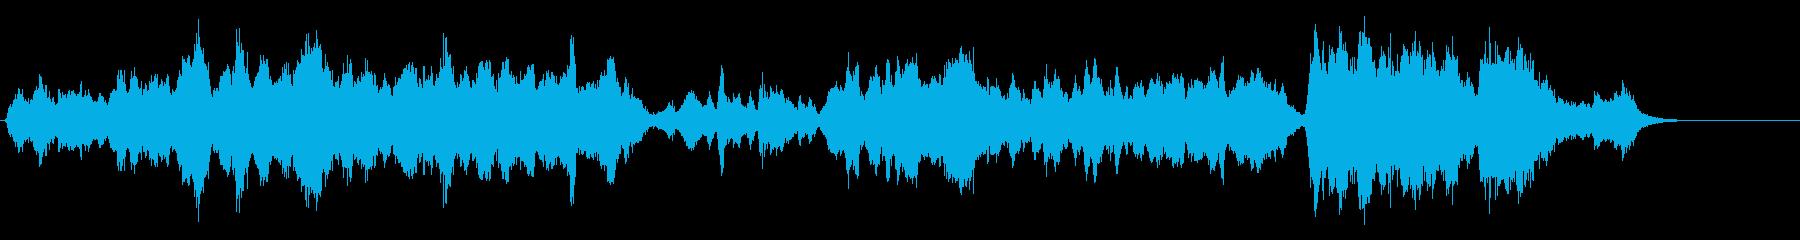 軽やかなクラシック曲 『ピーターと狼』の再生済みの波形